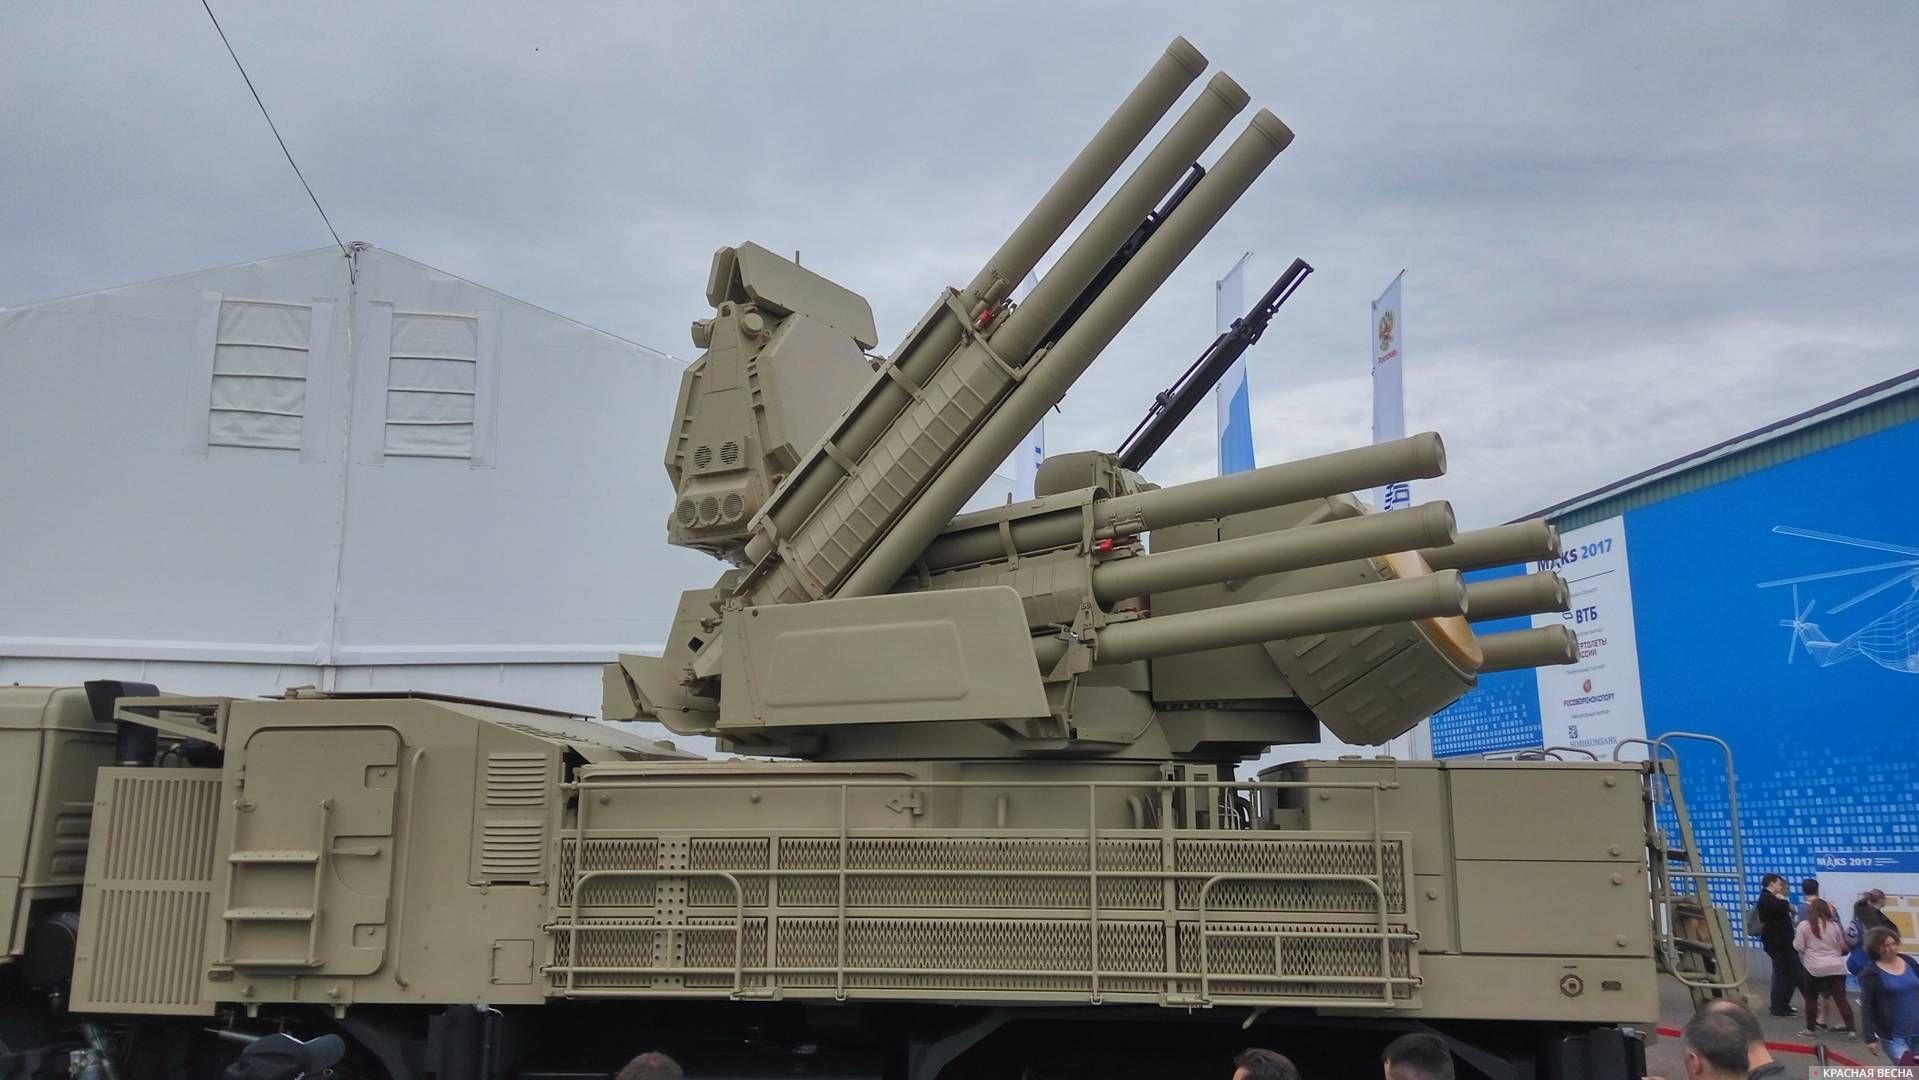 МАКС 2017 Зенитный ракетно-пушечный комплекс Панцирь-С1